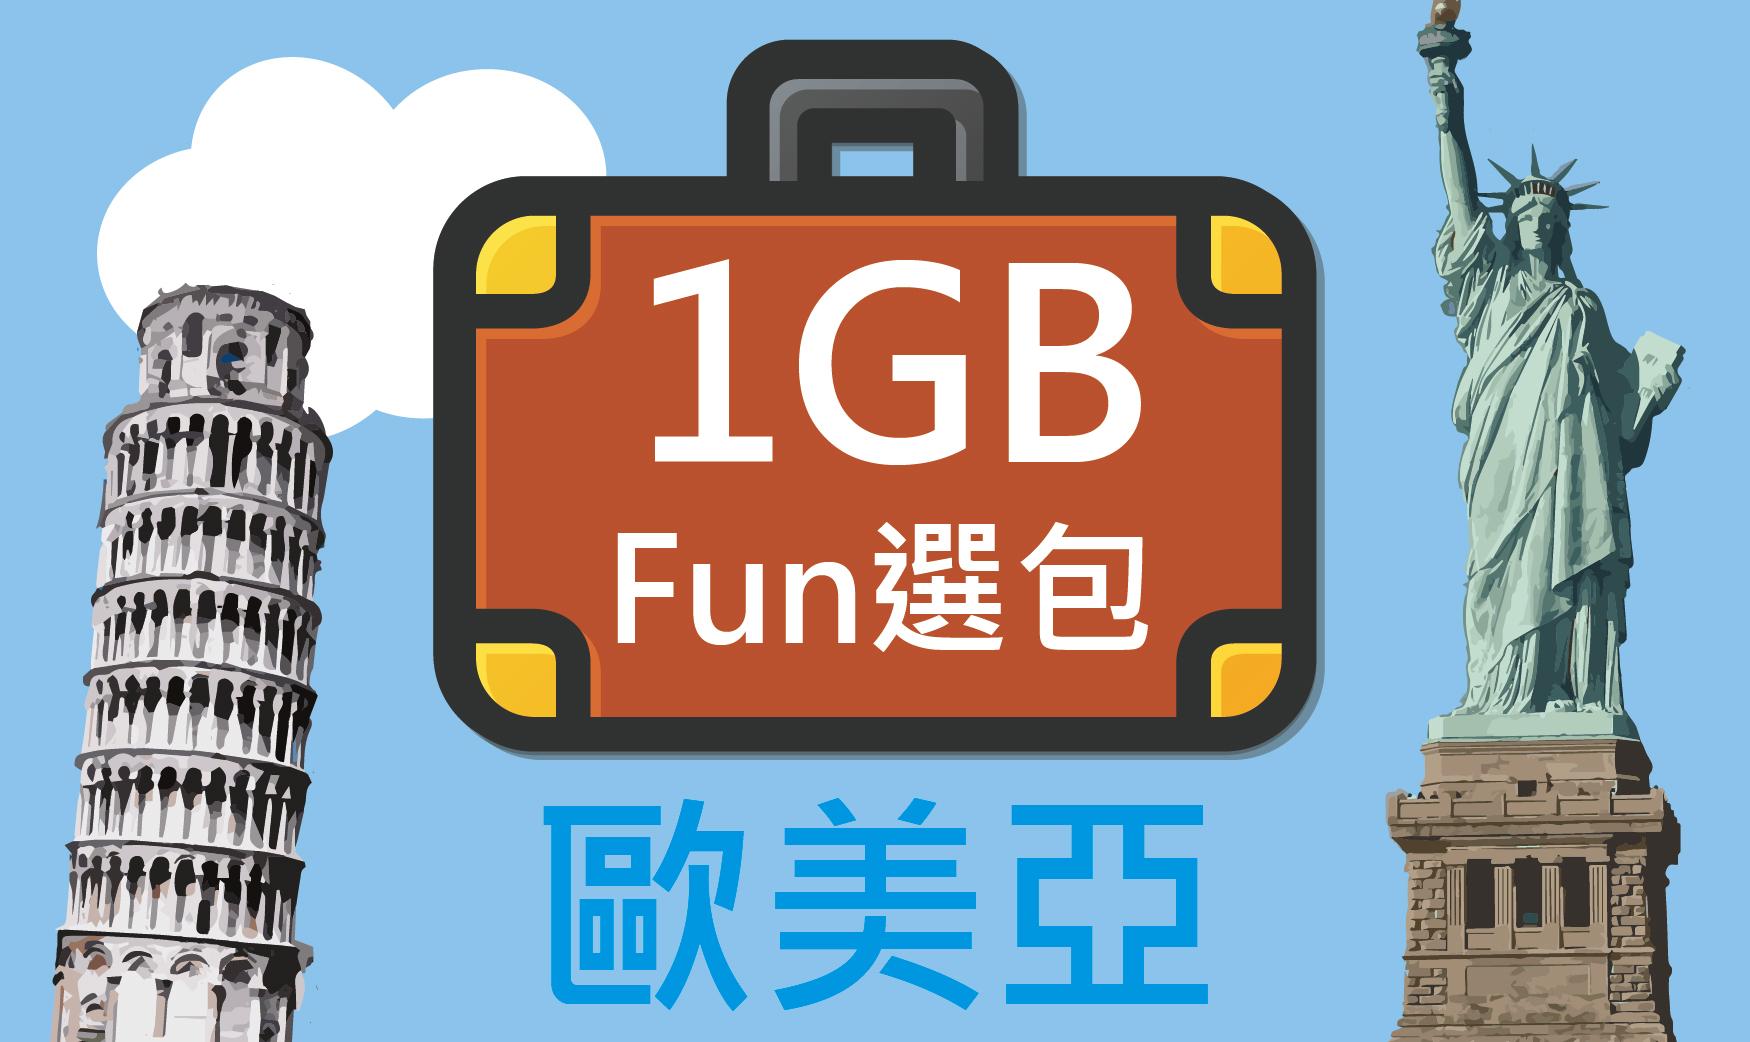 Fun選包-歐美亞1G